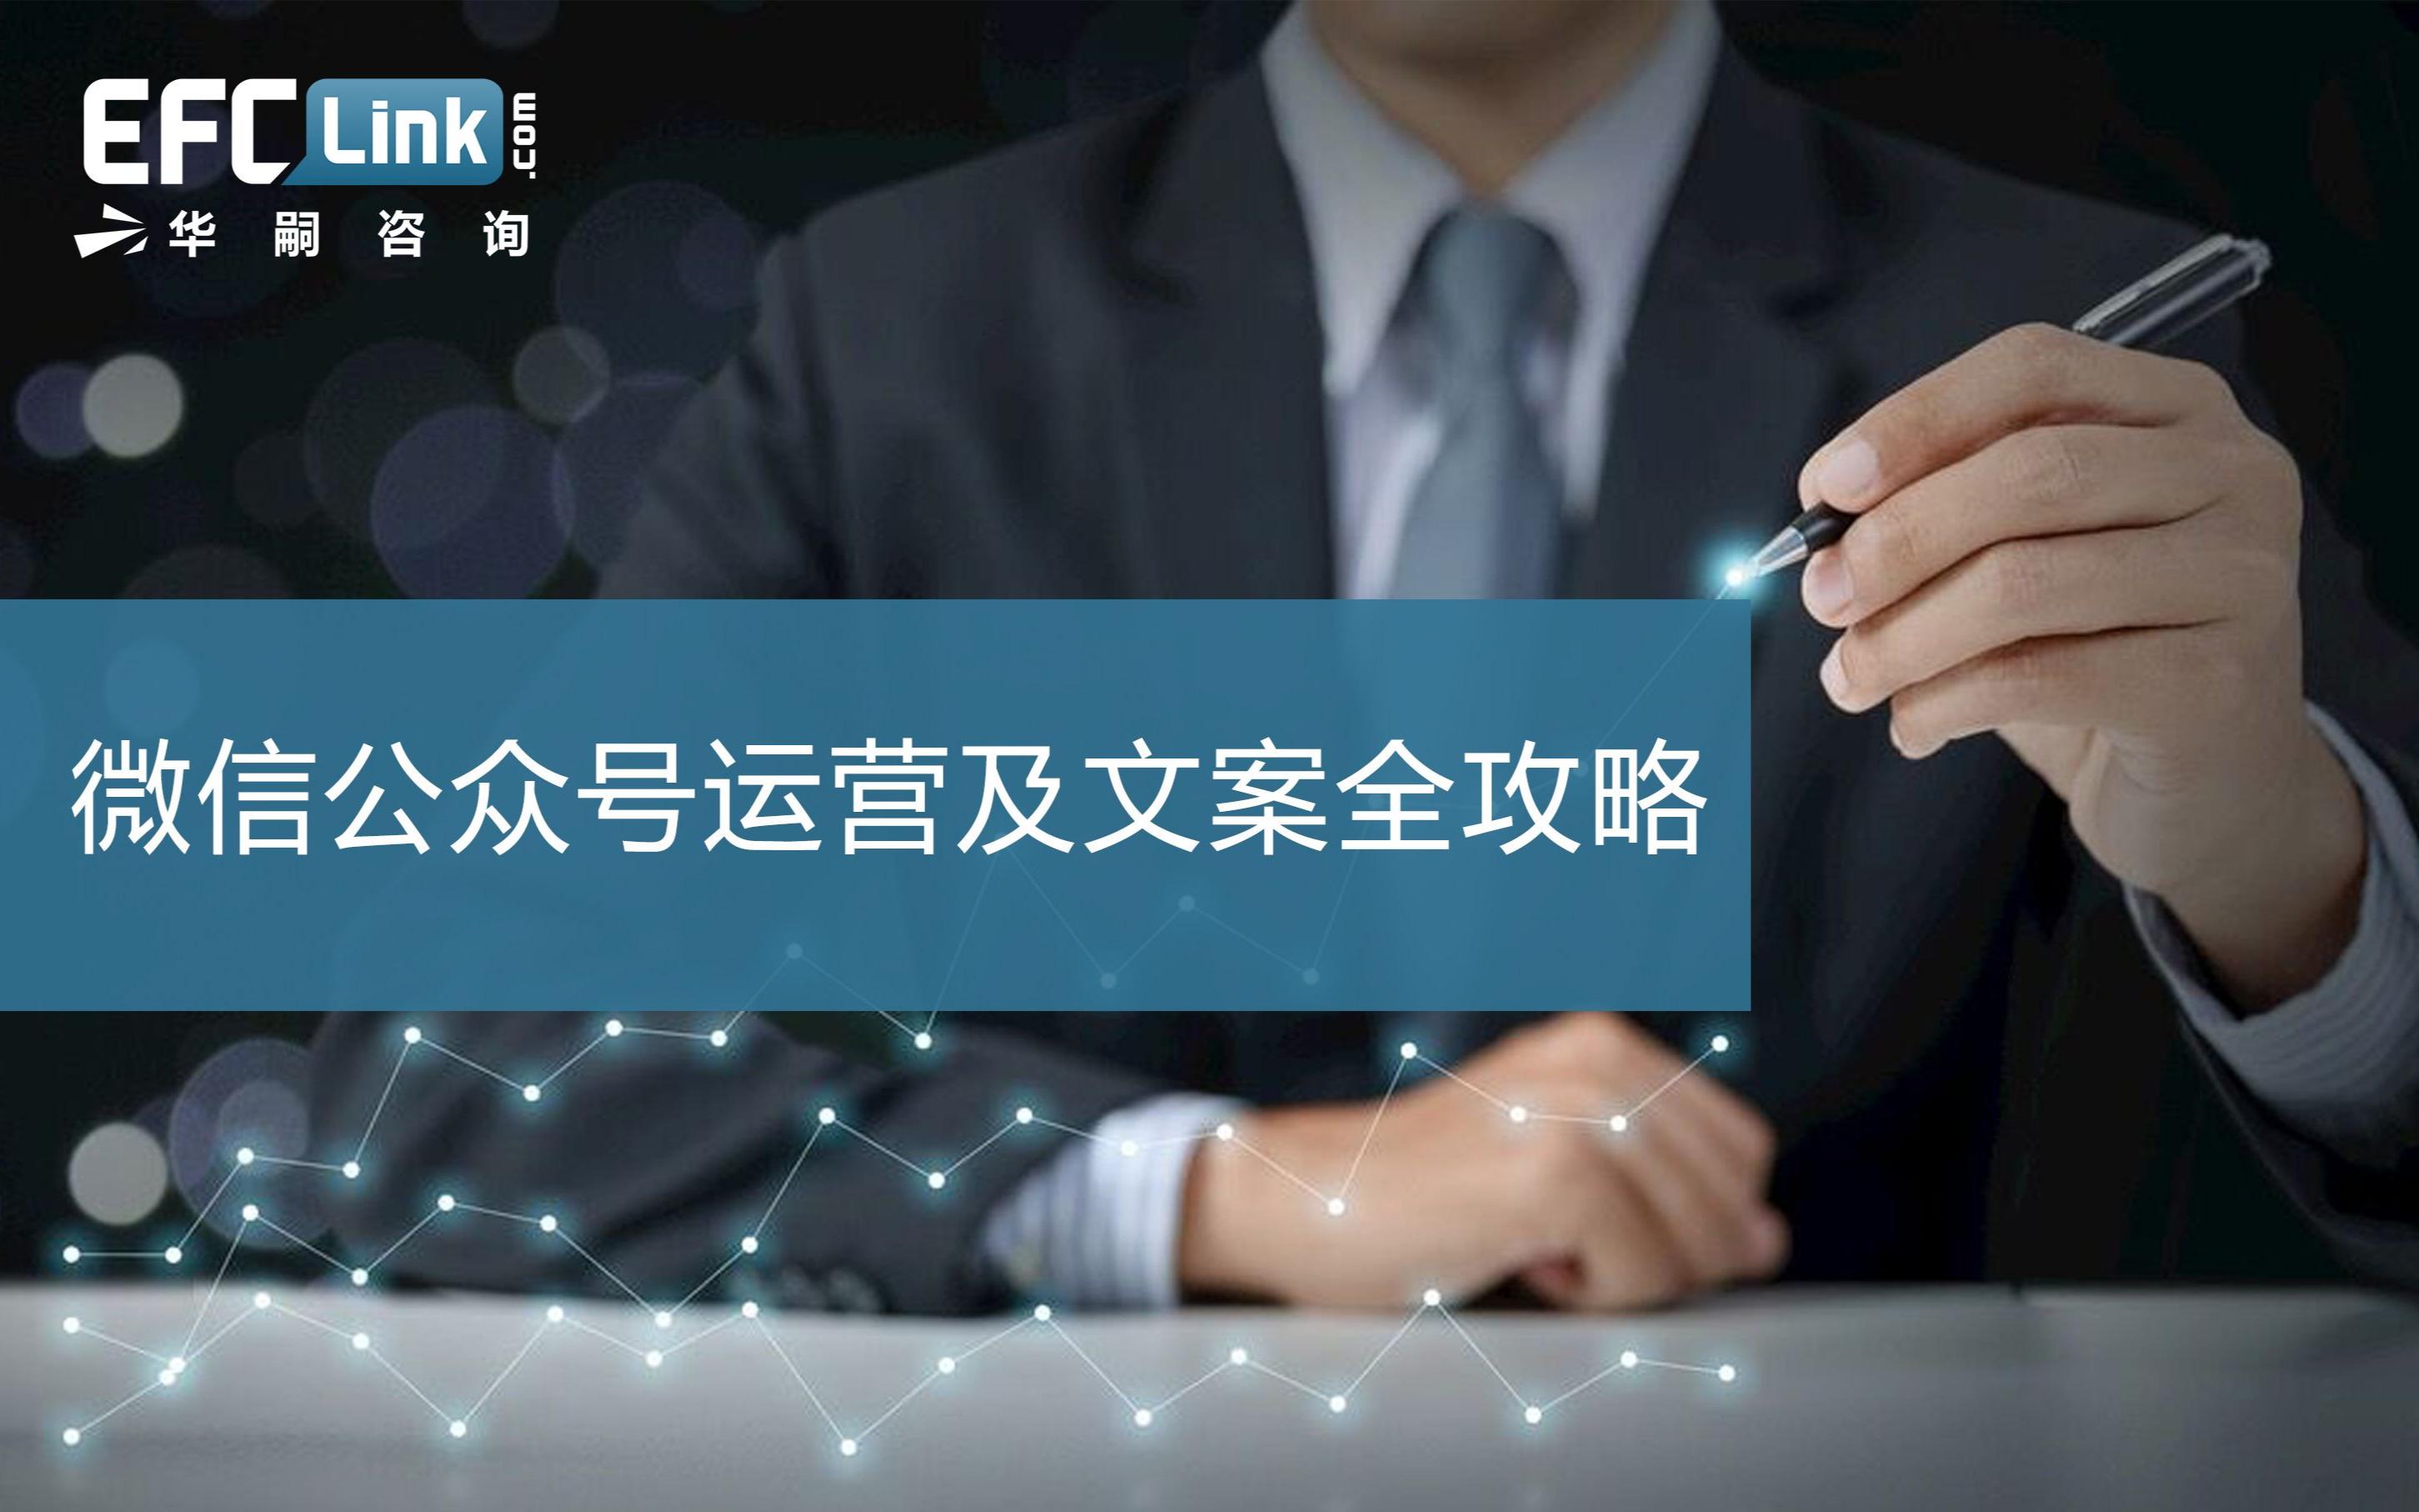 微信公众号运营及文案全攻略(深圳-7月23日)